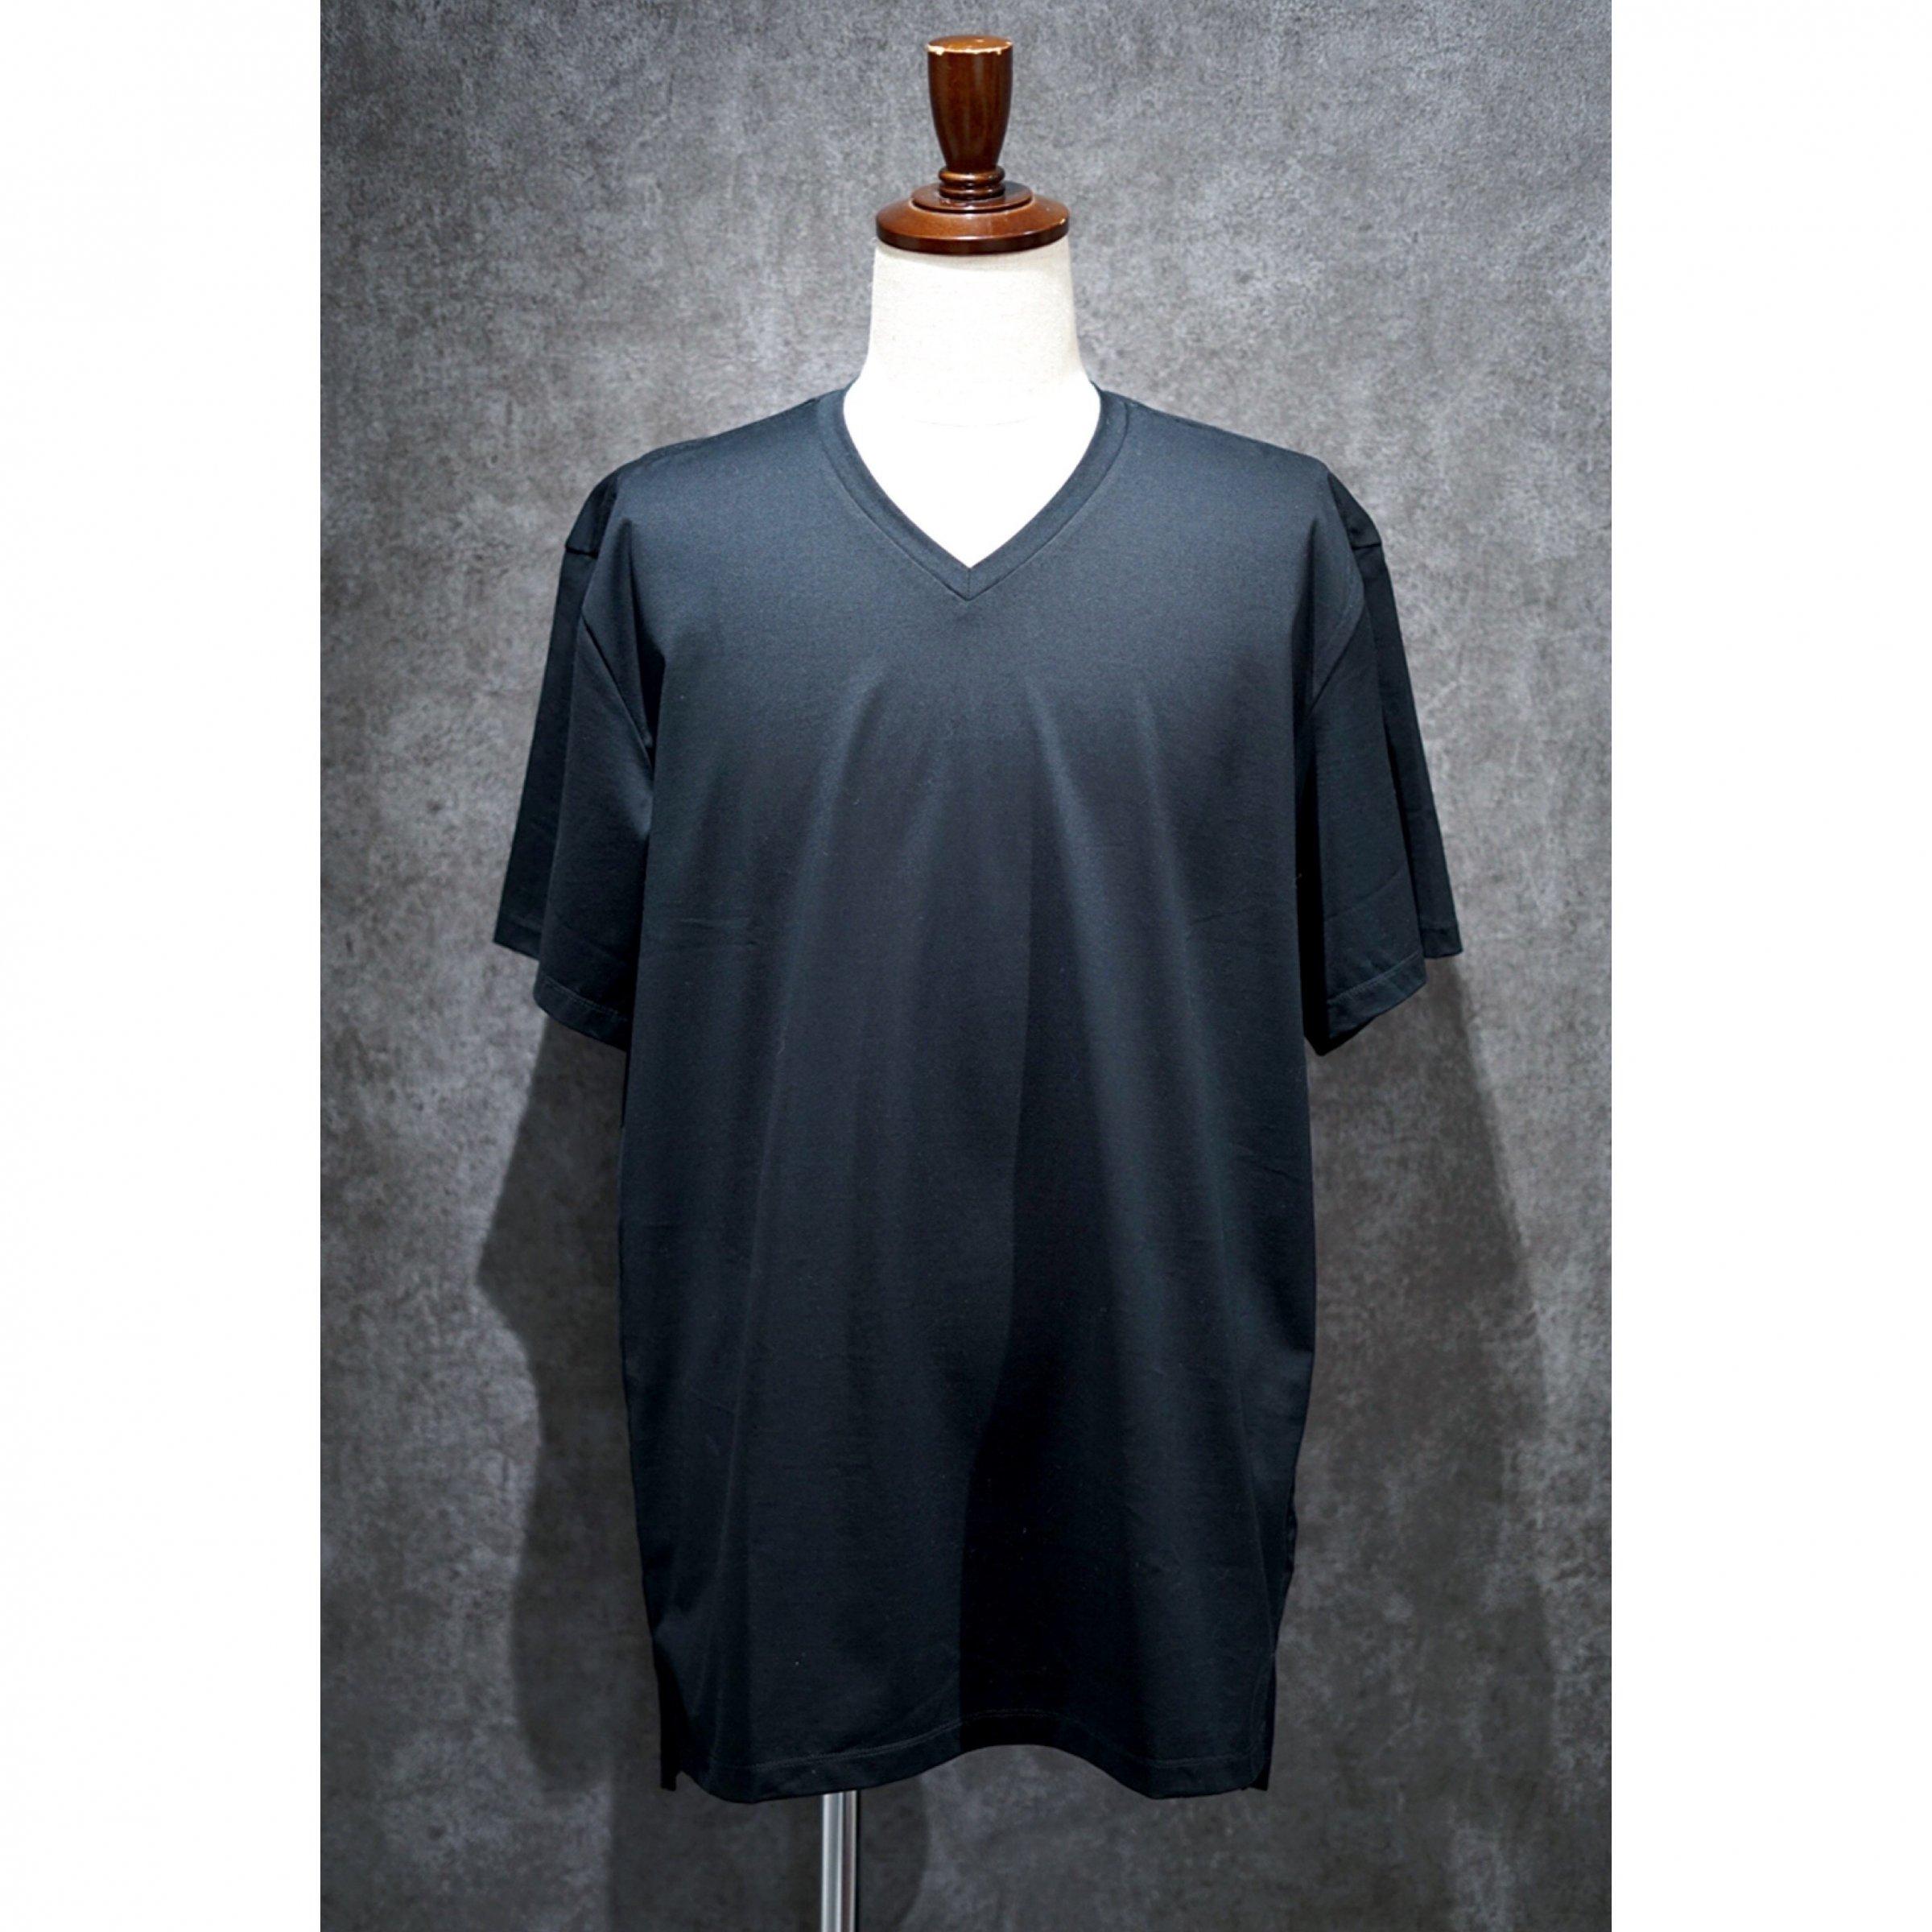 【CURLY】<br>ウルティマコットンVネックTシャツ